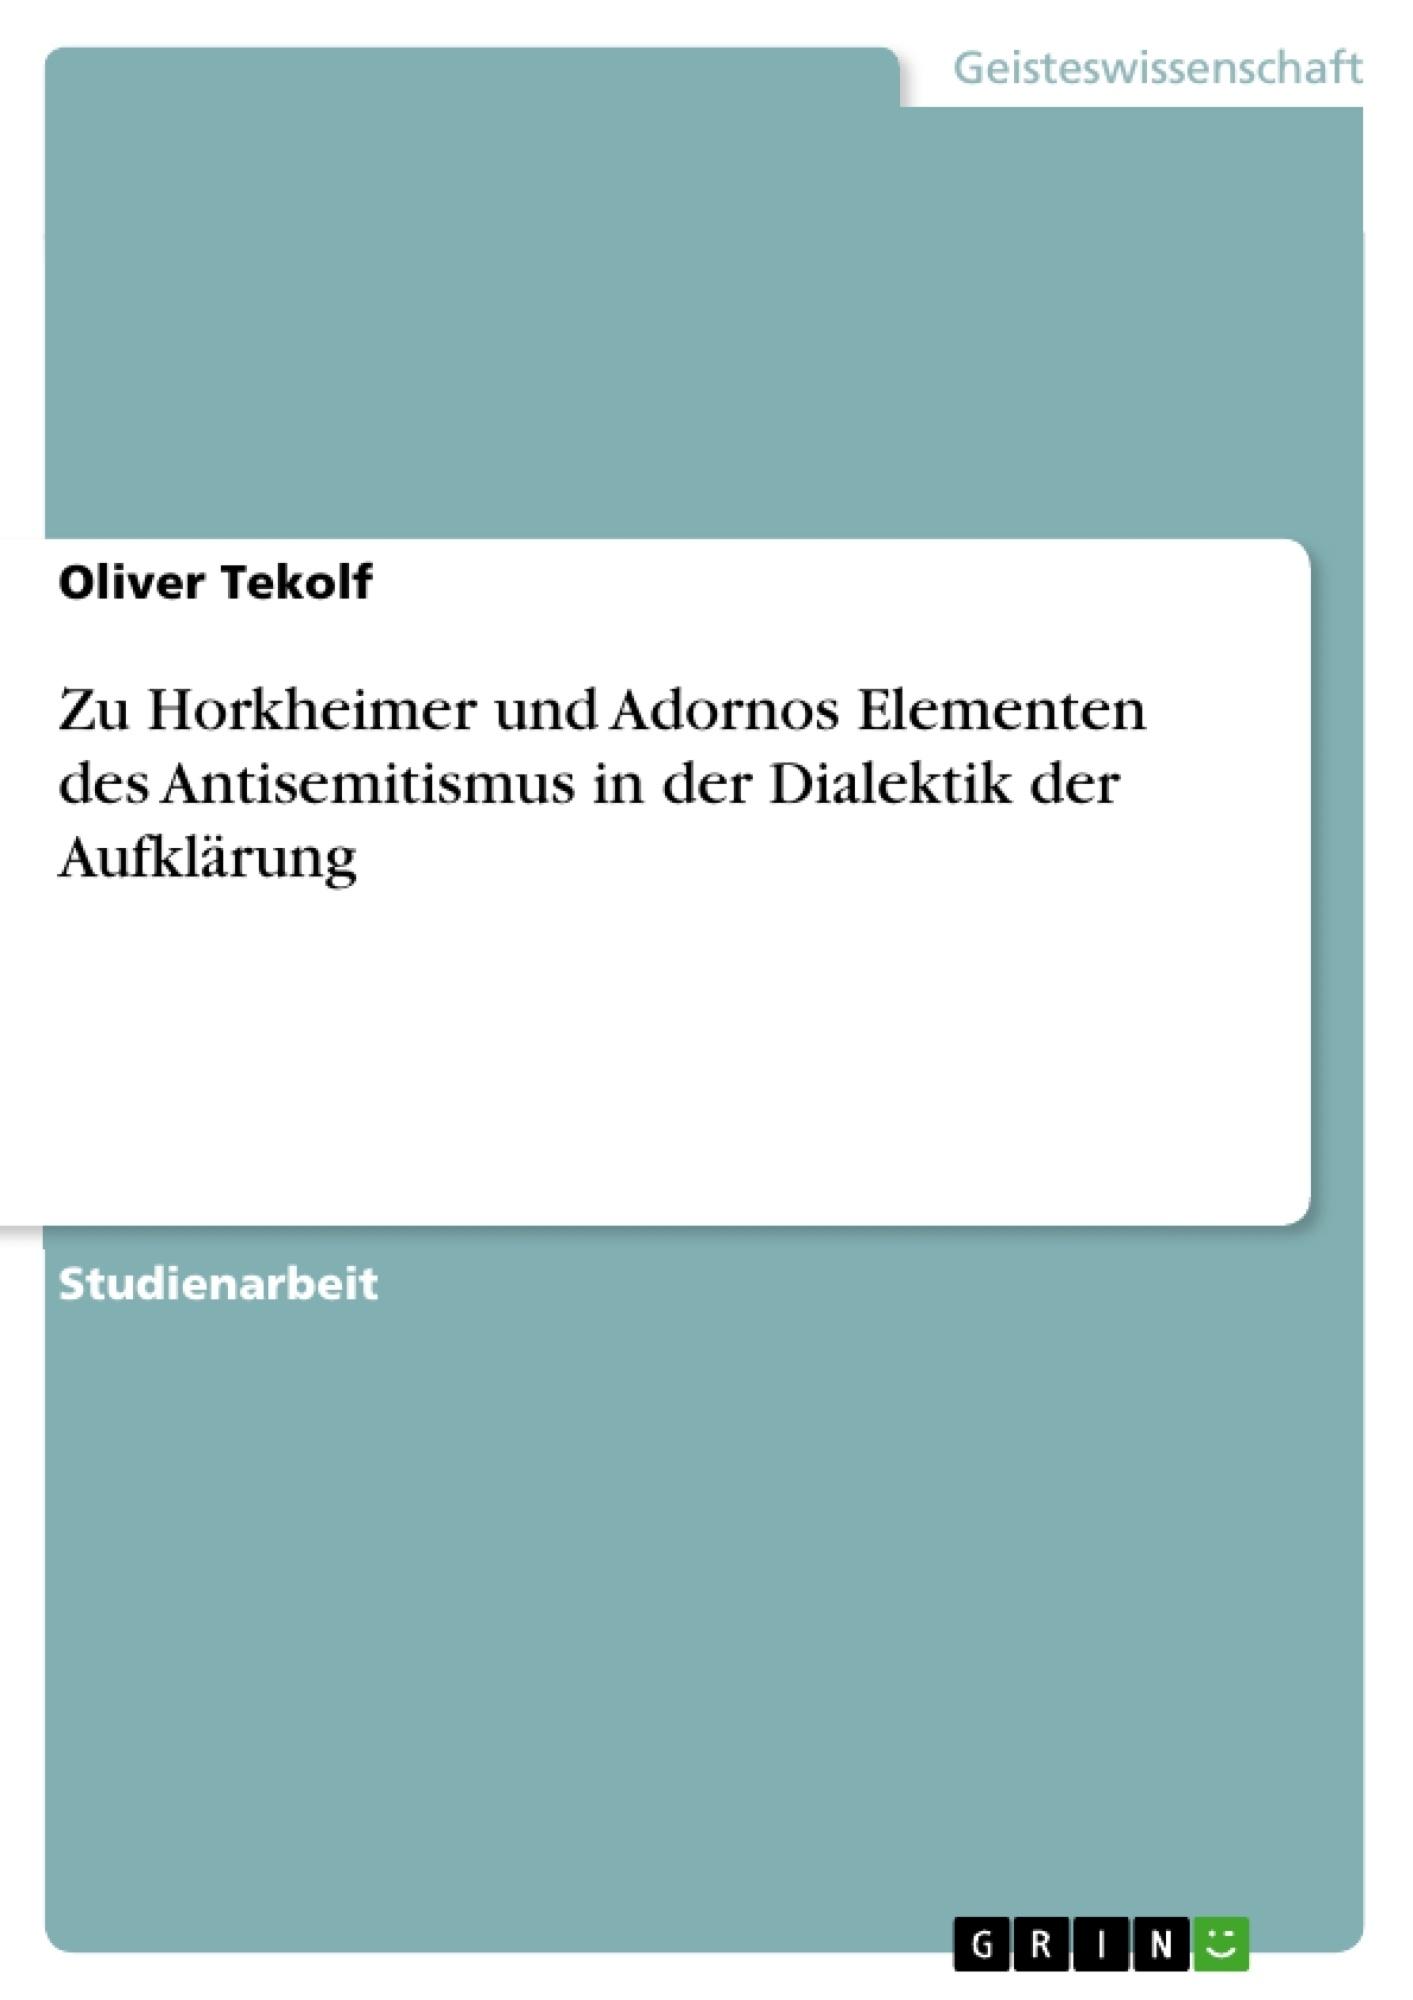 Titel: Zu Horkheimer und Adornos  Elementen des Antisemitismus  in der  Dialektik der Aufklärung